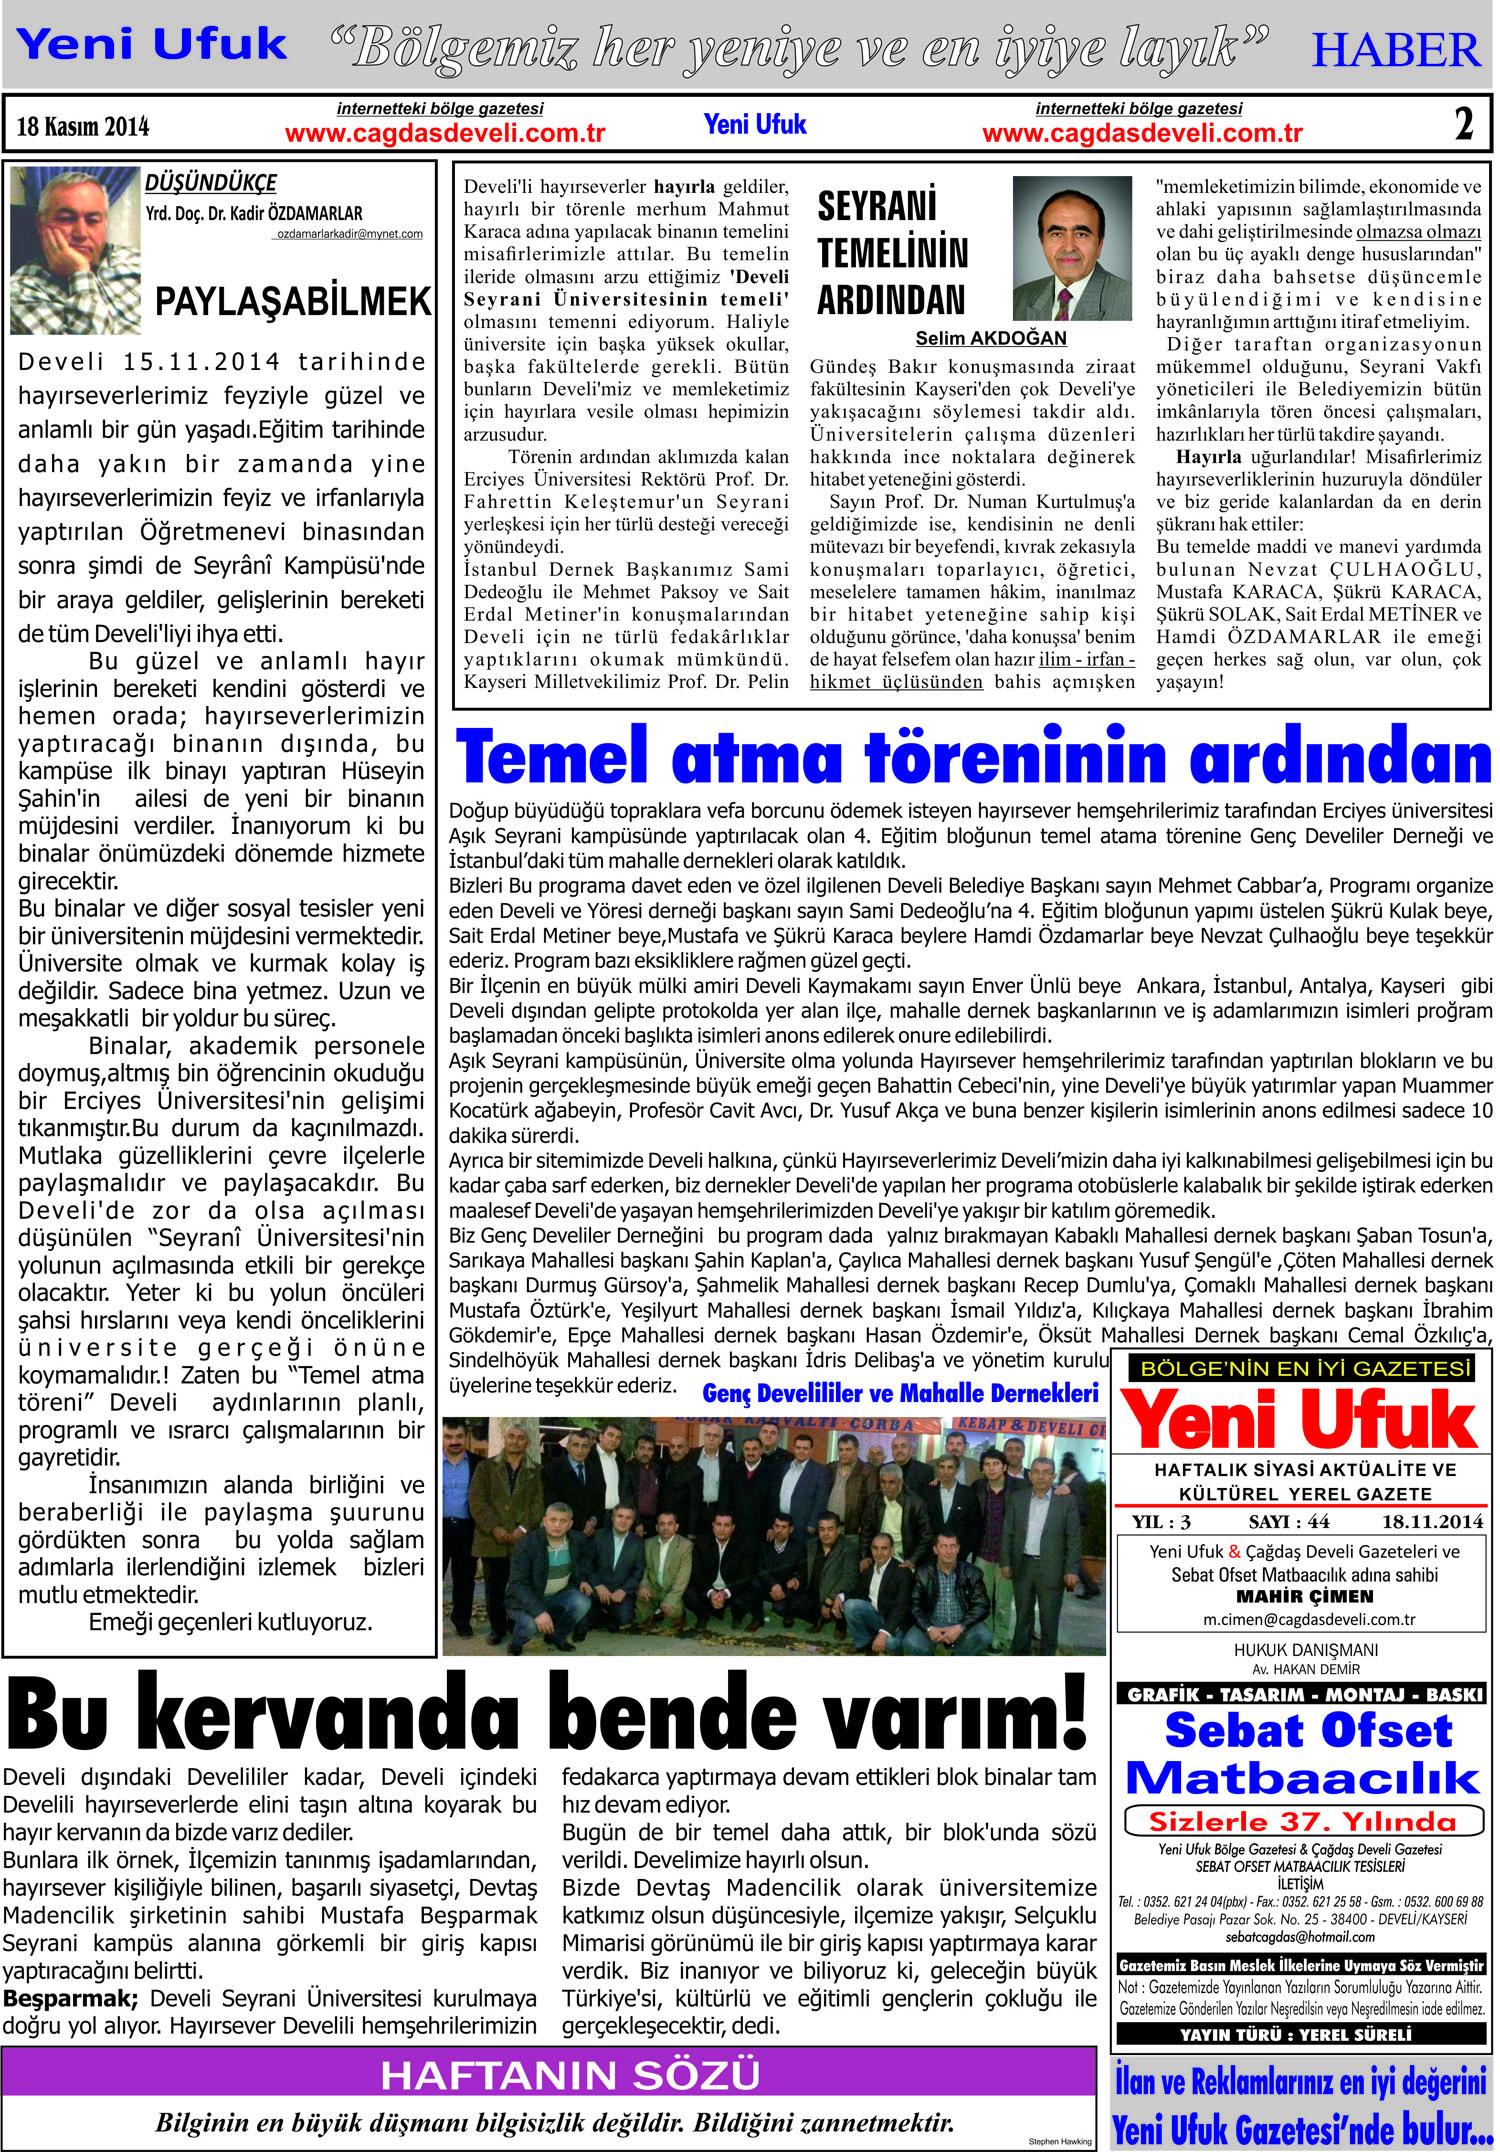 Yeni Ufuk Bölge Gazetesi 18 Kasım 2014 2. sayfa